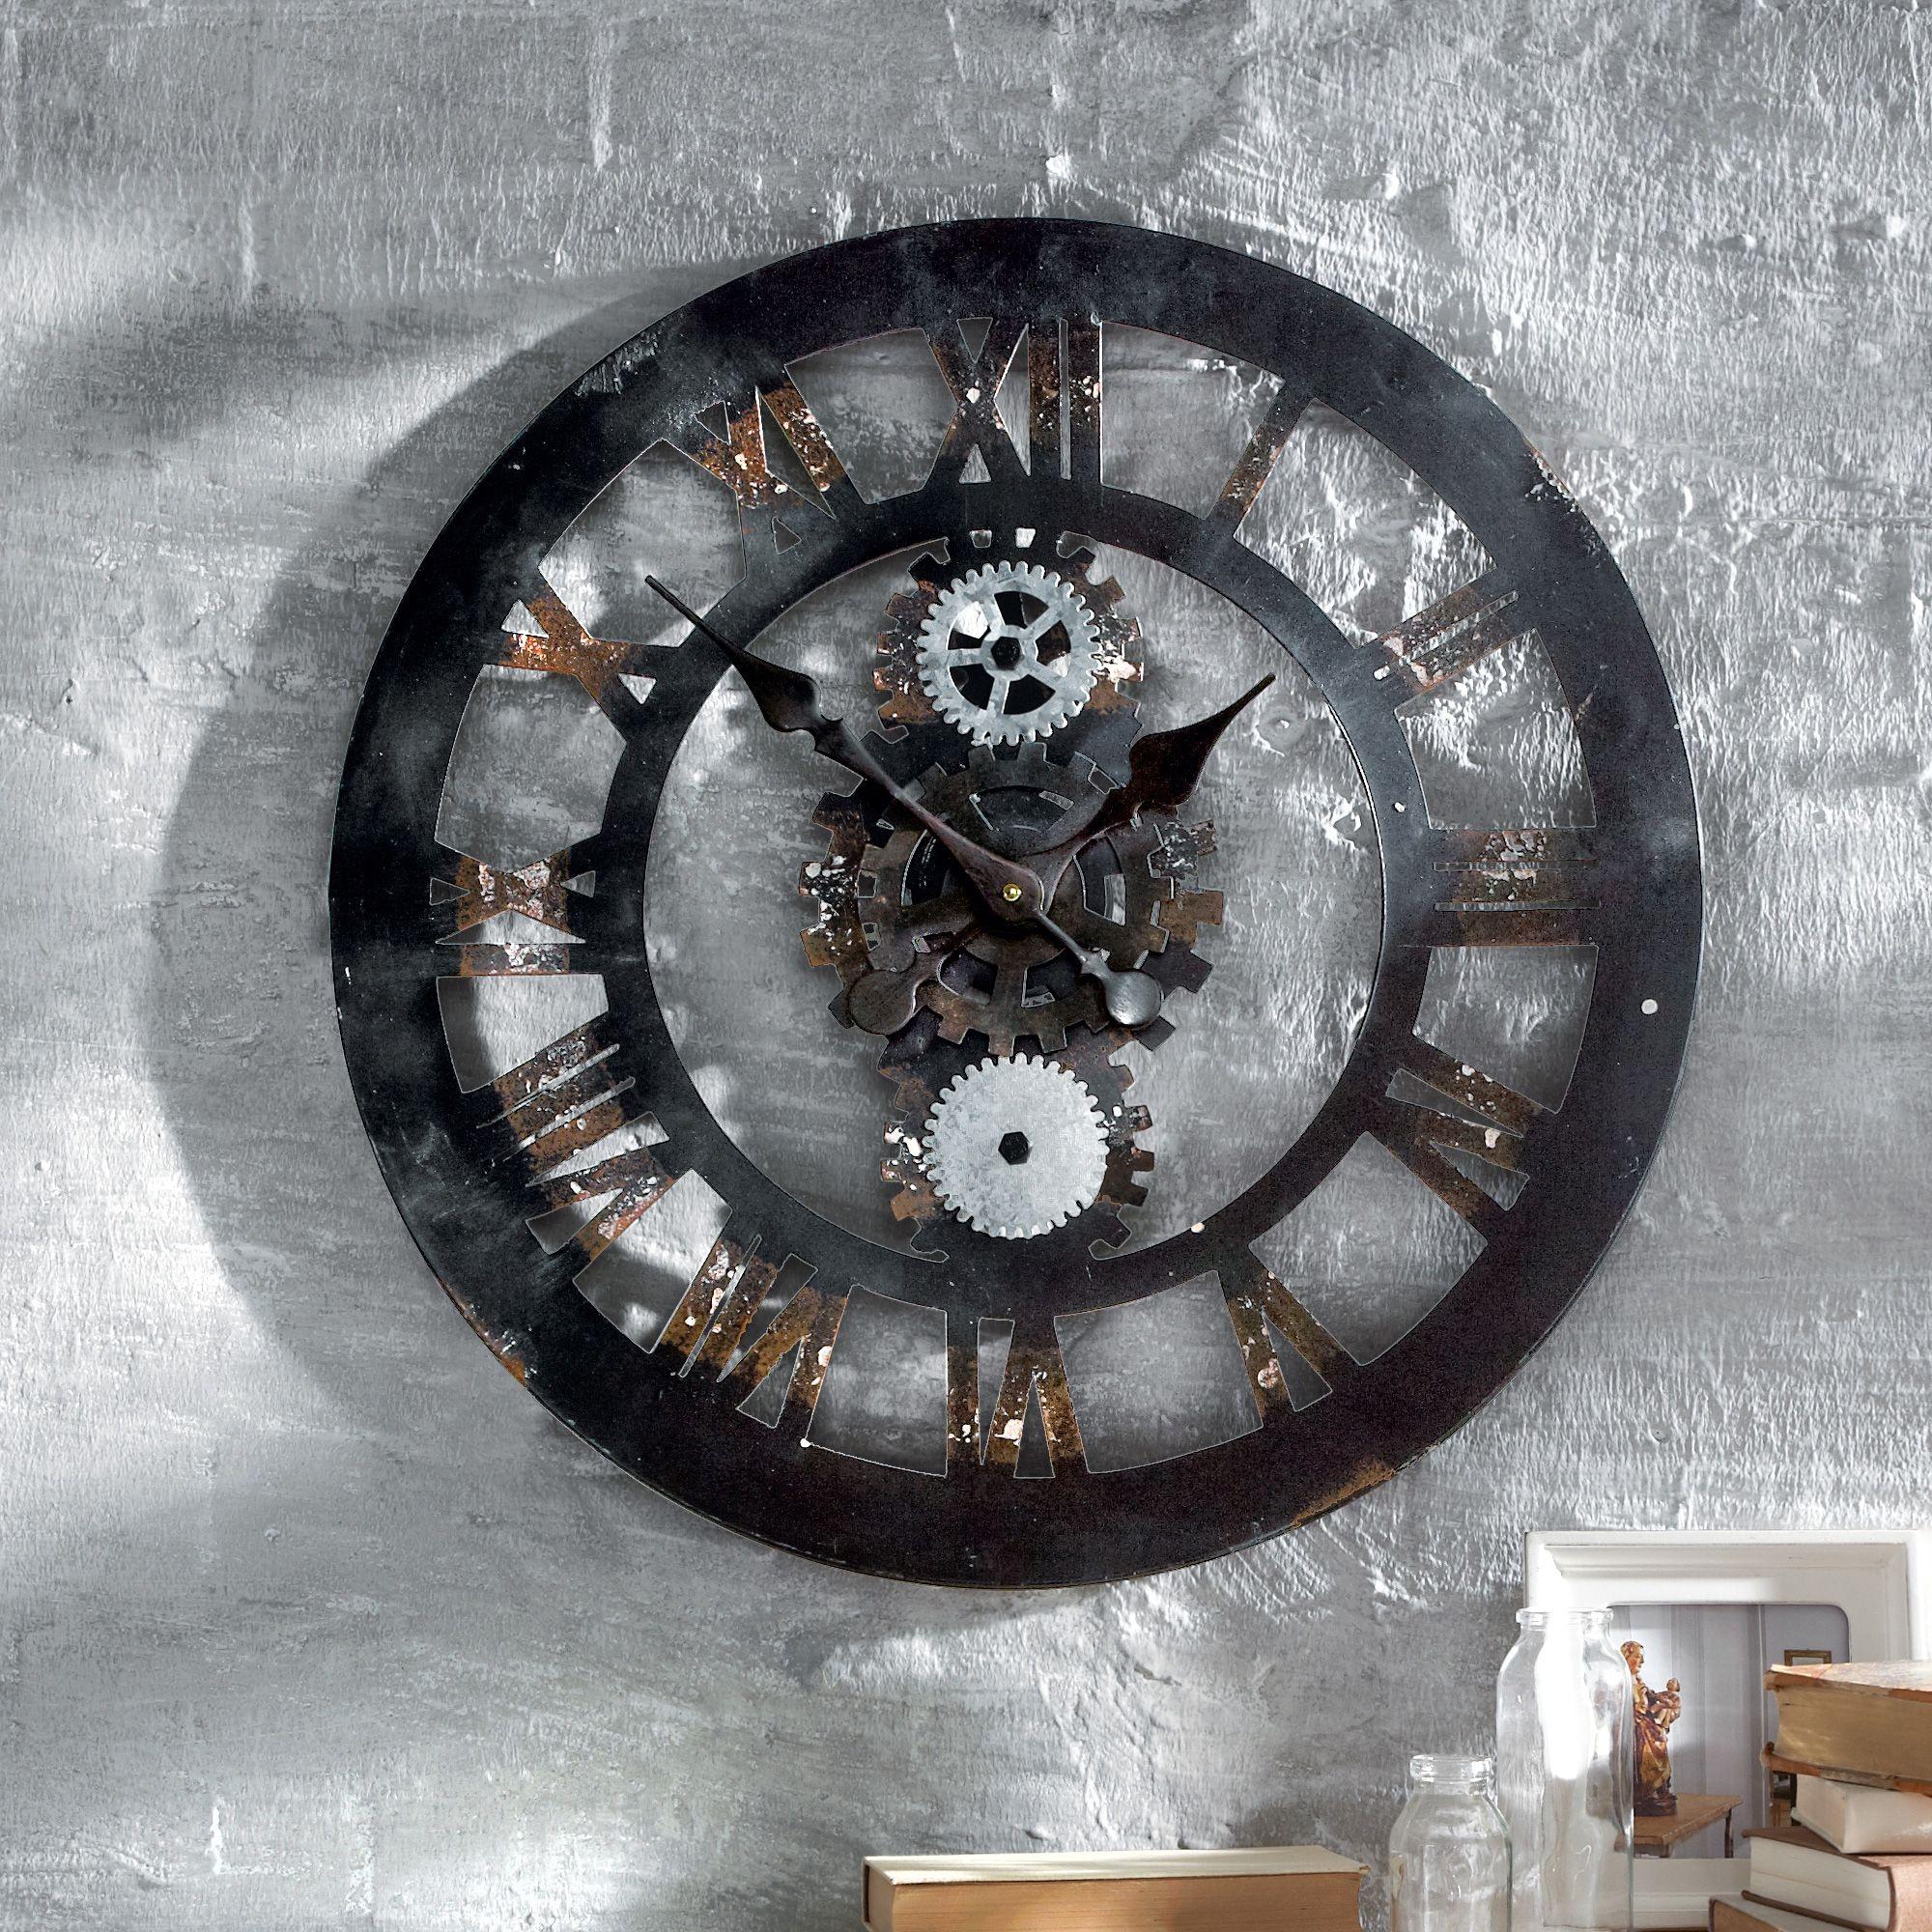 Wanduhr zahnrad originelle wanduhr aus metall mit sichtbaren zahnr dern uhren clocks - Wanduhren aus metall ...